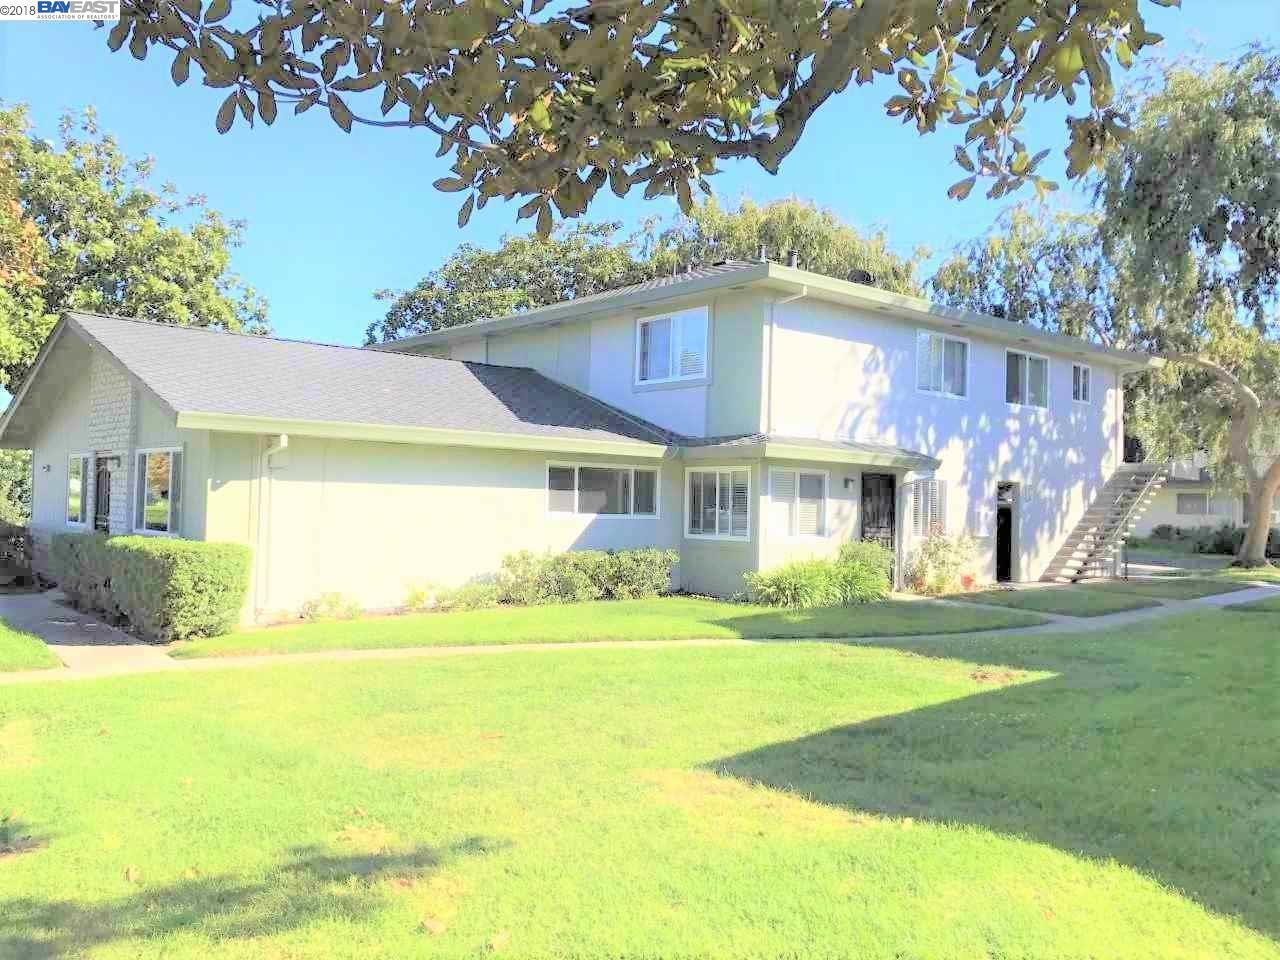 共管物業 為 出售 在 34800 Starling Drive 34800 Starling Drive Union City, 加利福尼亞州 94587 美國